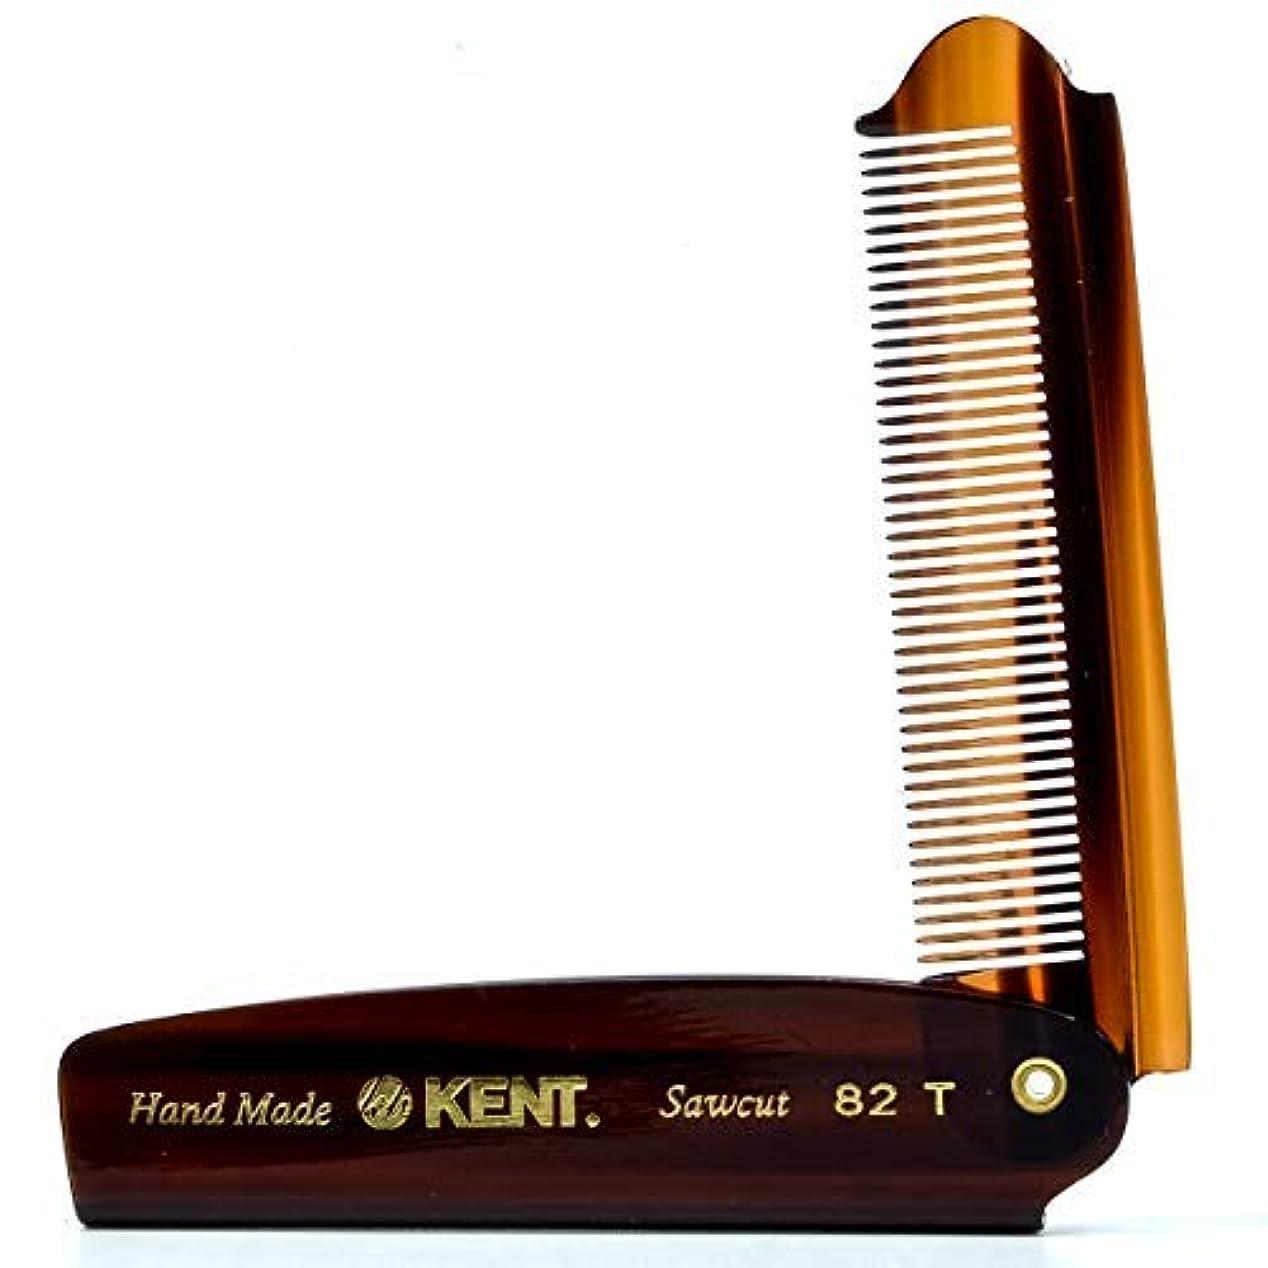 基本的な息苦しいブラウザKent the Hand Made Fine Cut 4 Inches Folding Pocket Comb 82T for Men [並行輸入品]